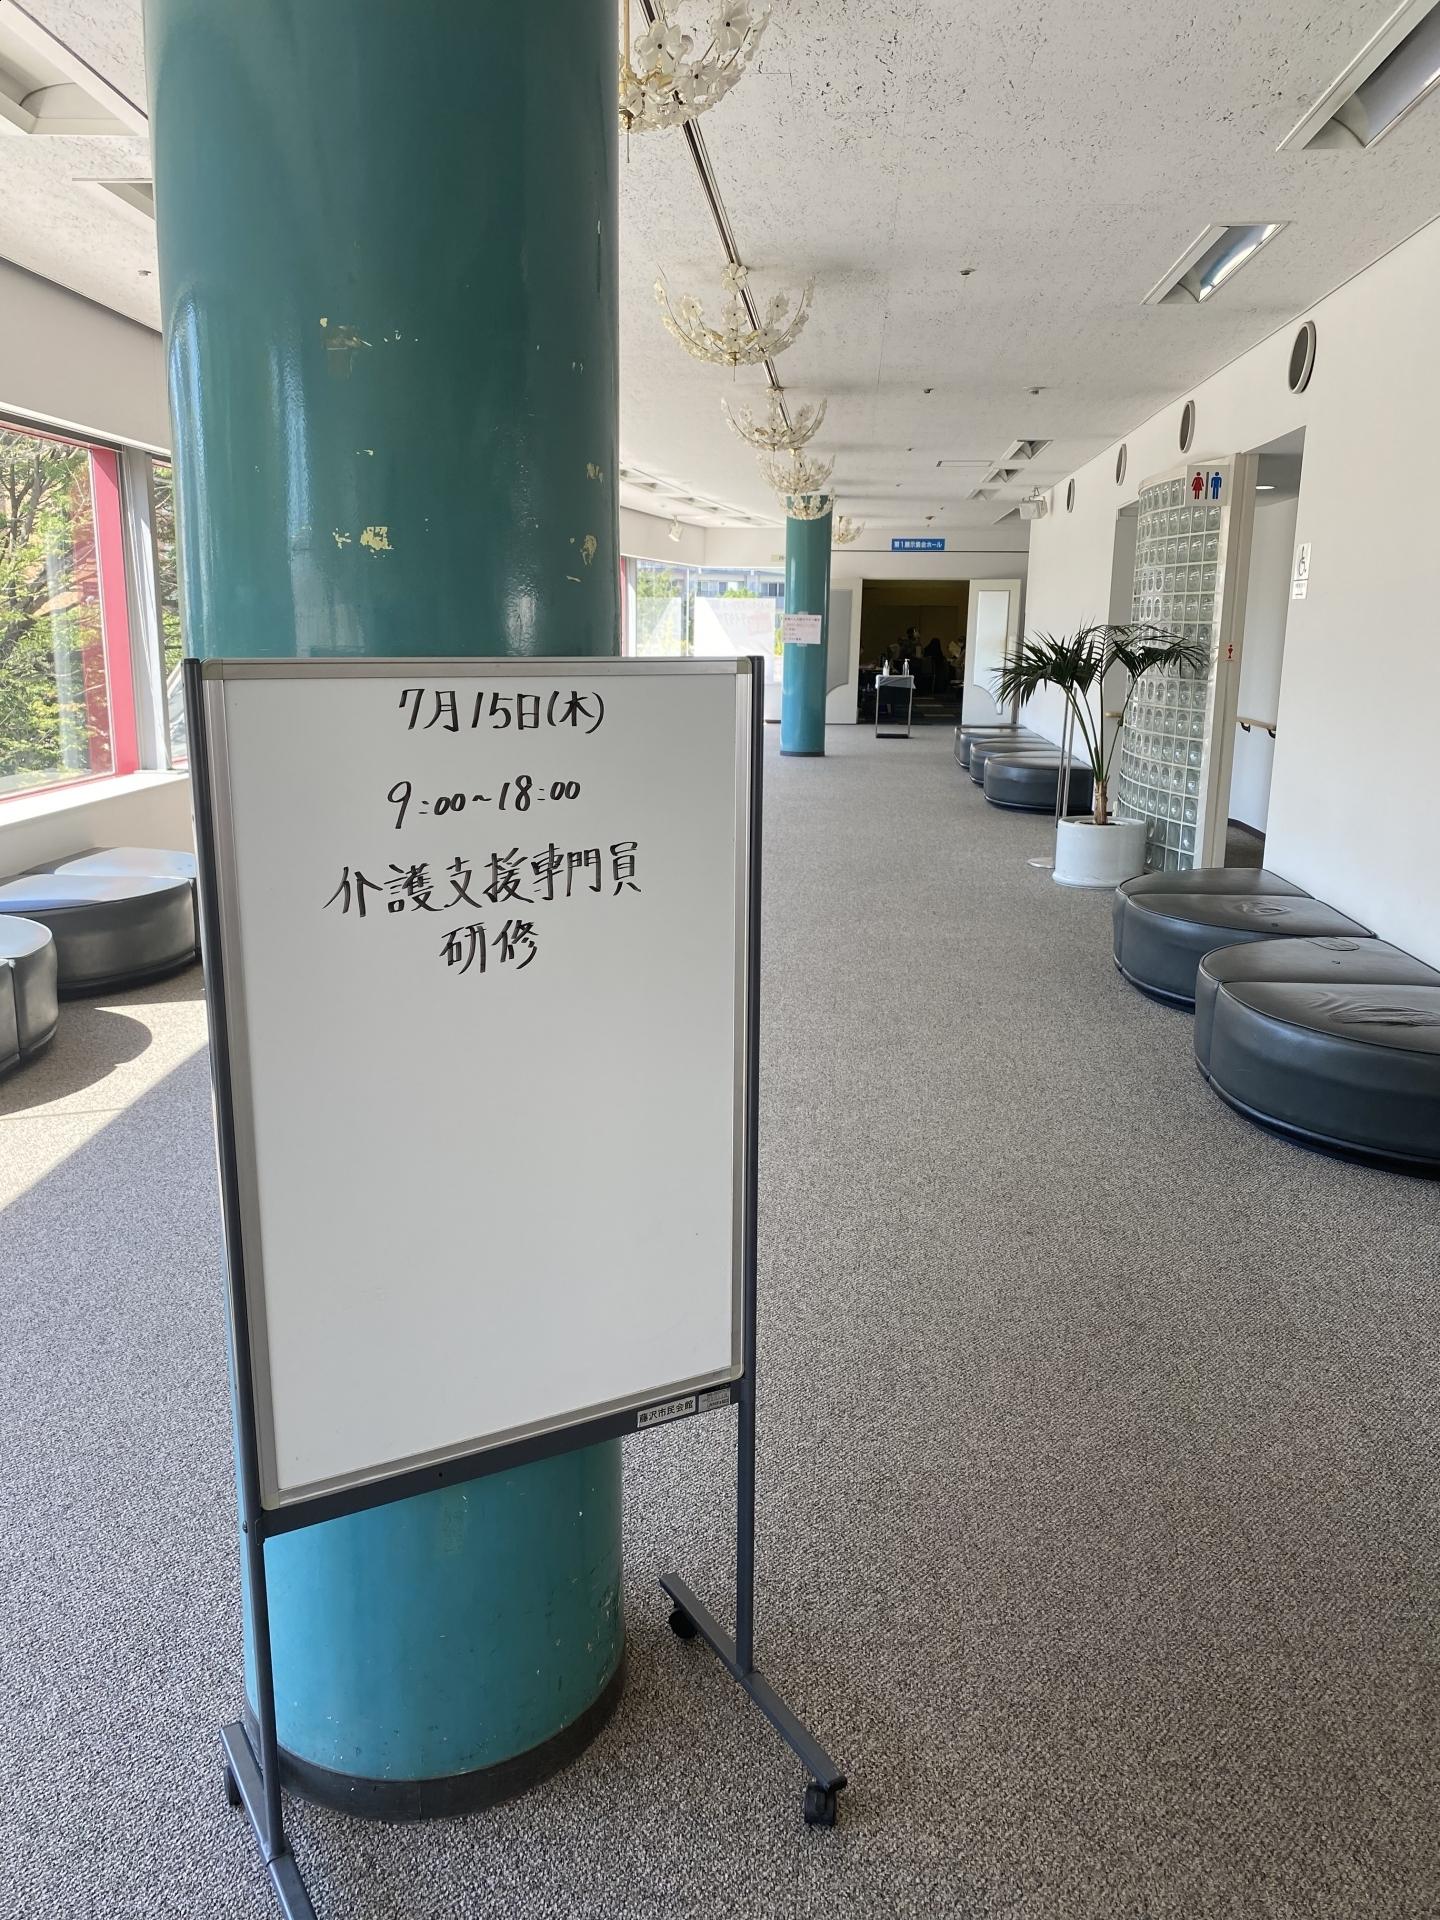 【420】 実務未経験者向け研修 第1回 (3日目)